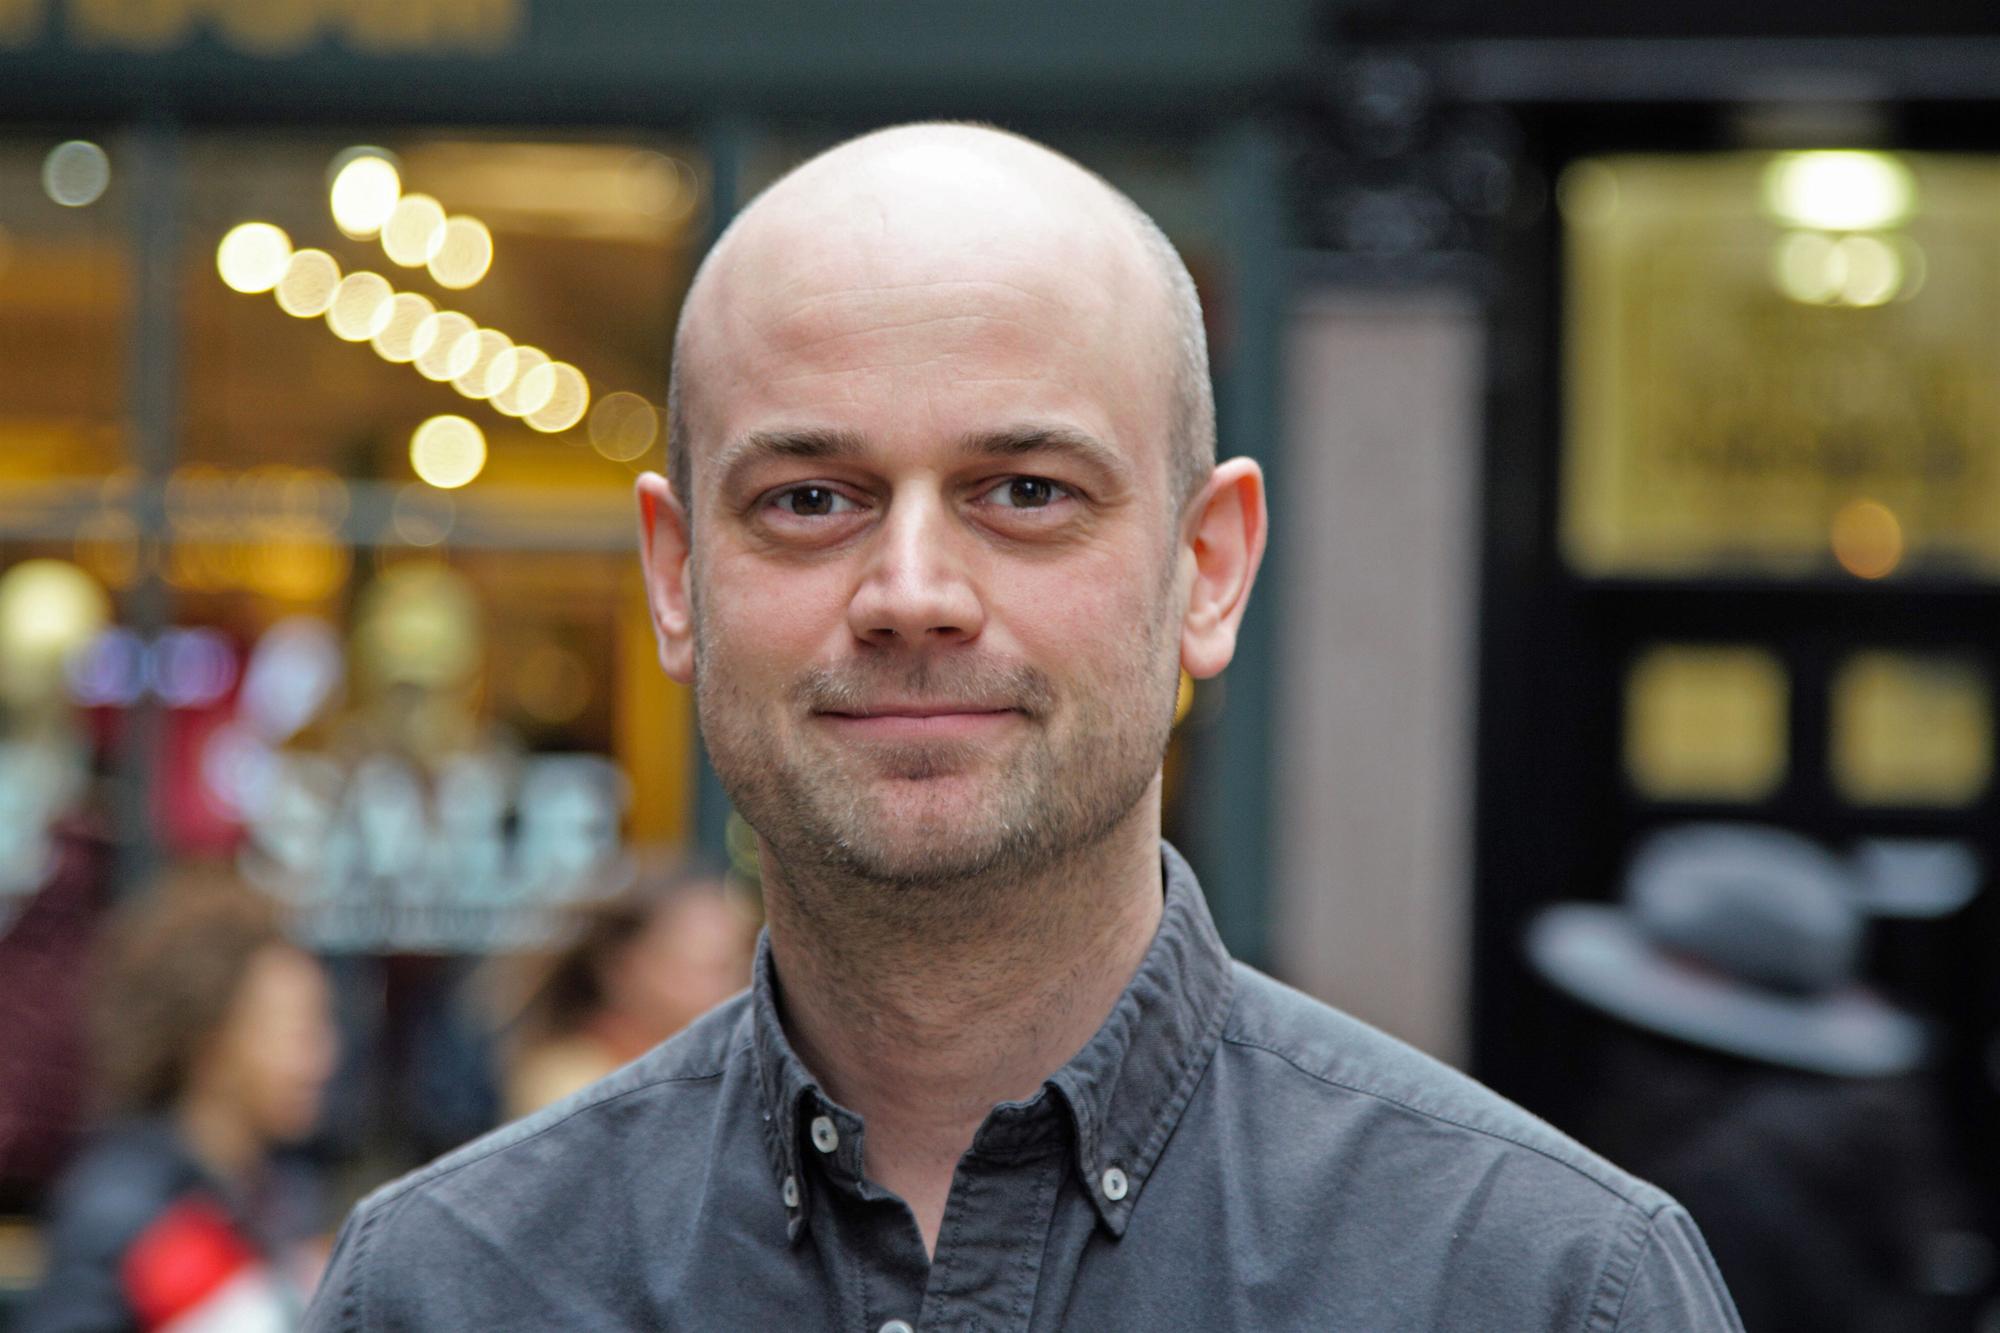 Senior Colourist at Molinare, Gareth Spensley